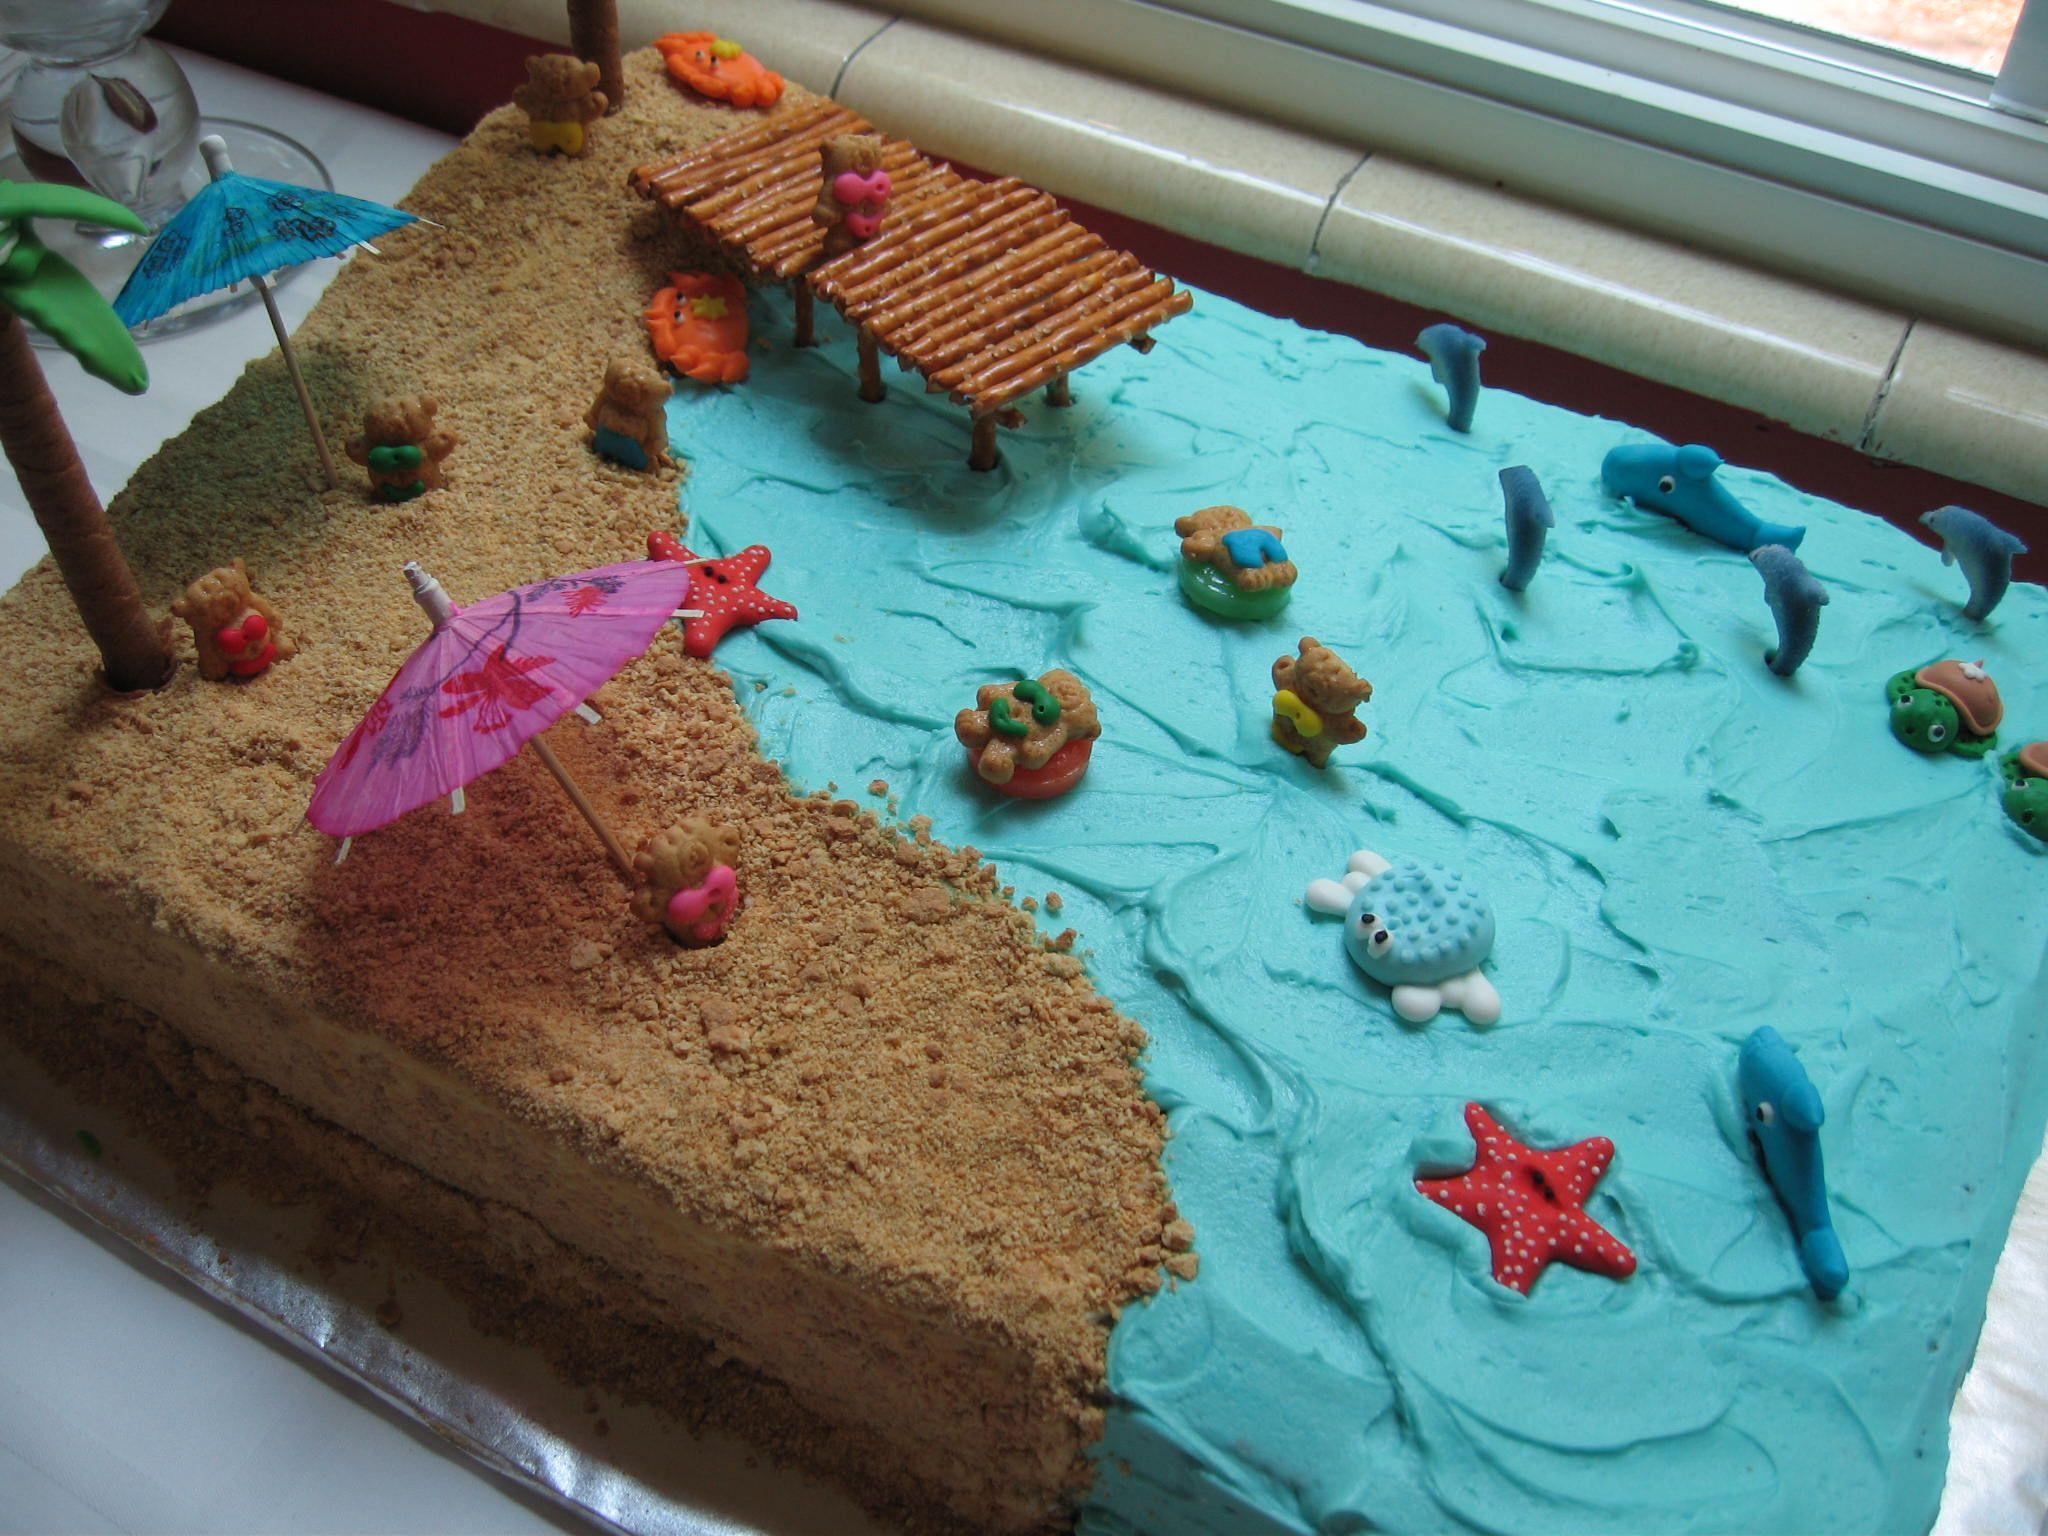 пляж картинки для торта довольно быстро удалила